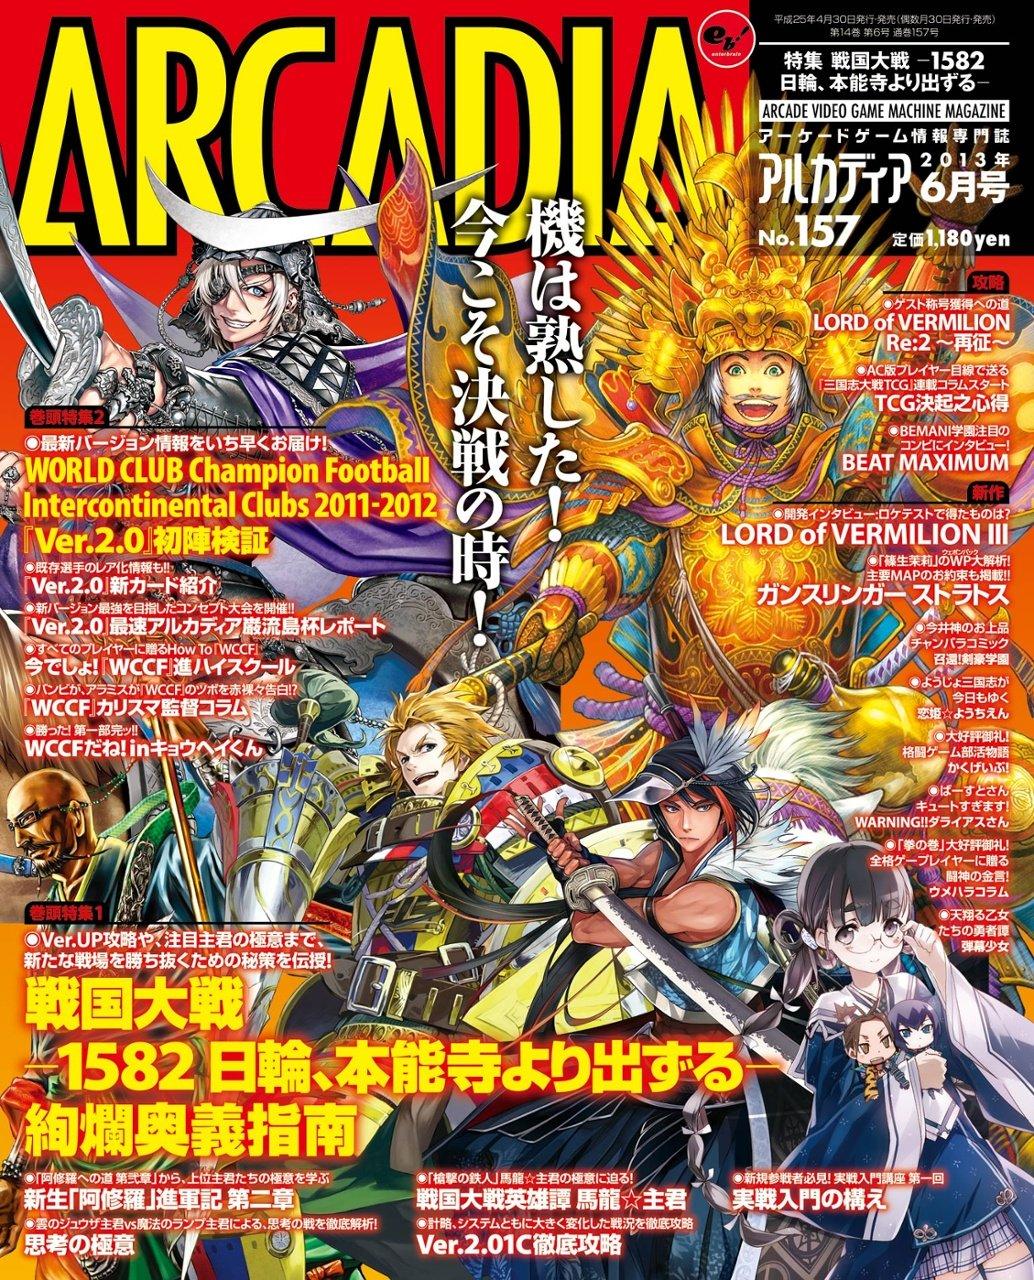 Arcadia Issue 157 (June 2013)